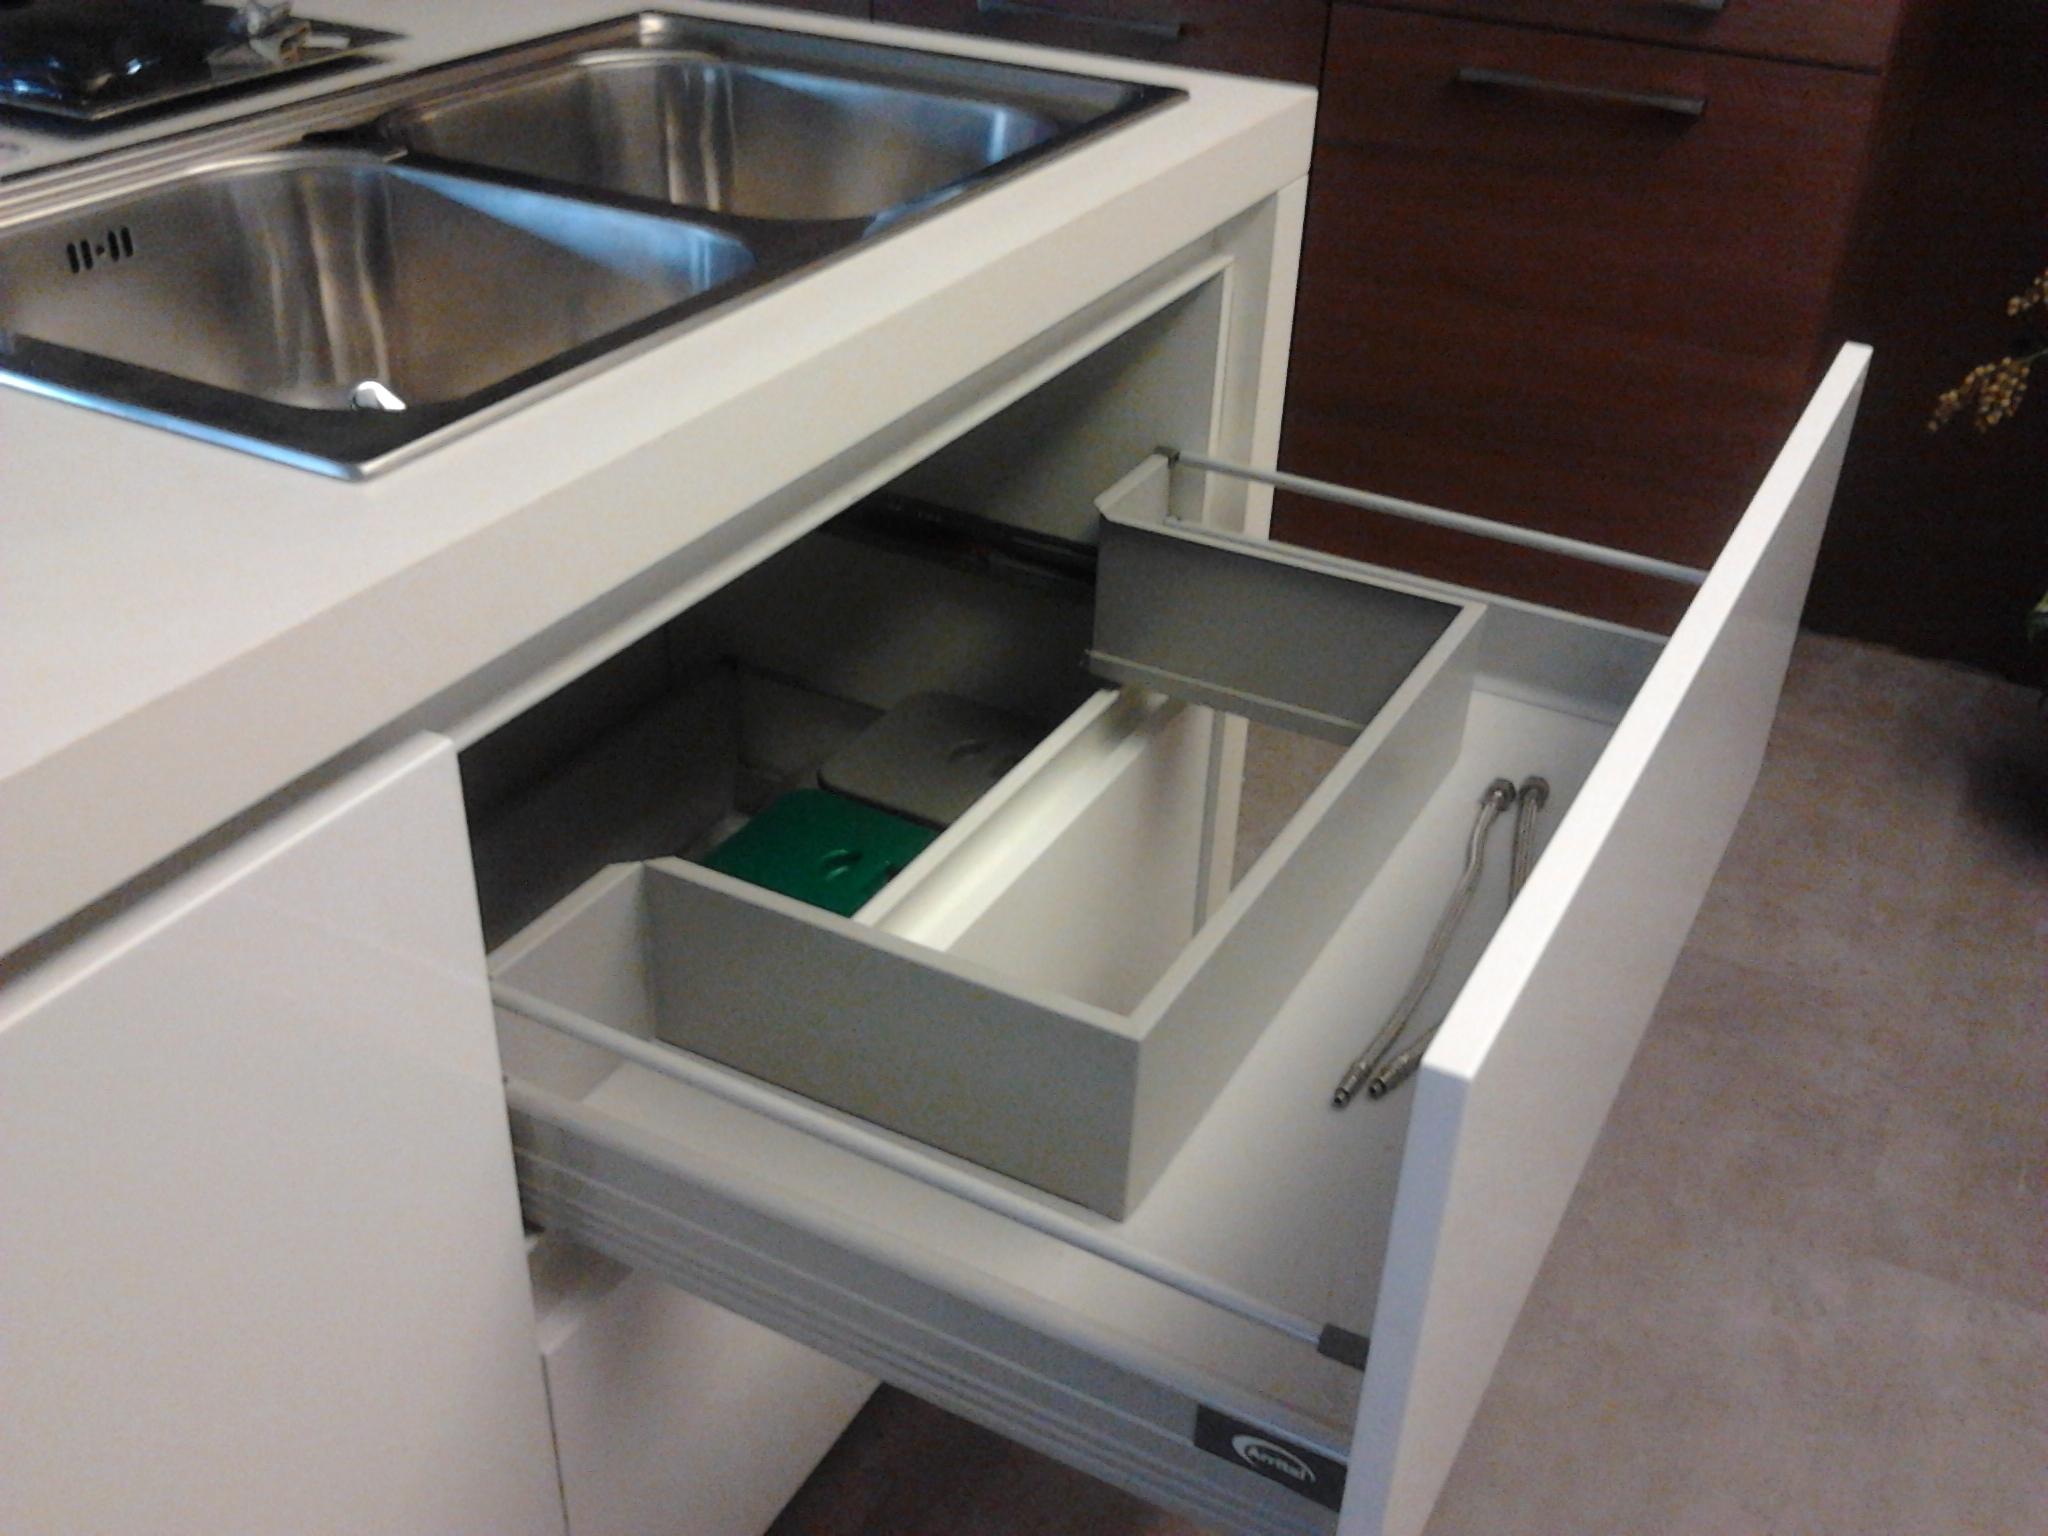 Listino prezzi arrital cucine cucina effeti modello segno - Cucine arrital prezzi ...